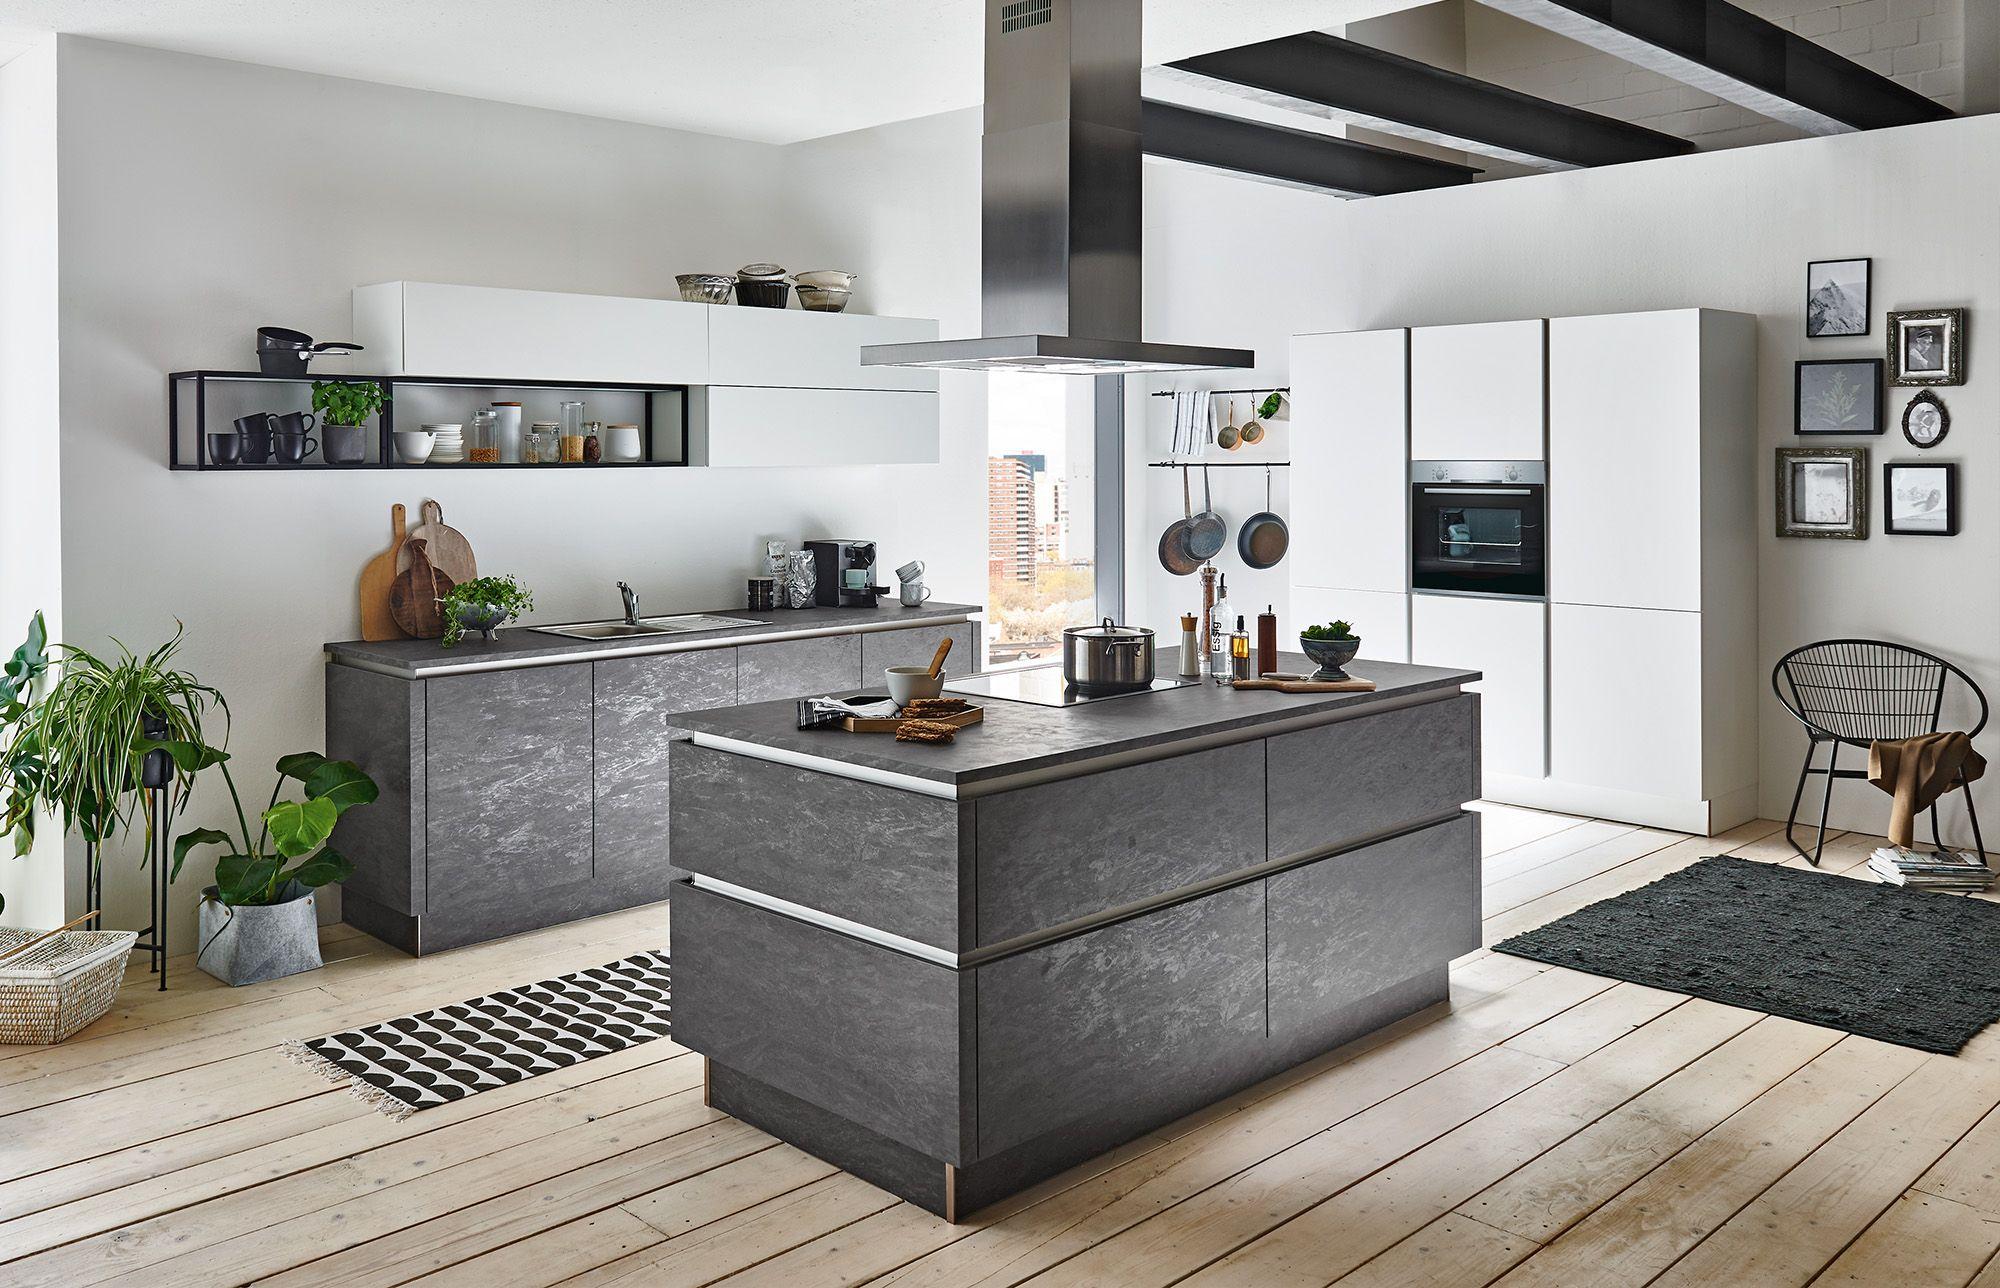 Grifflose DesignKüche mit Kochinsel, Fronten in STONE